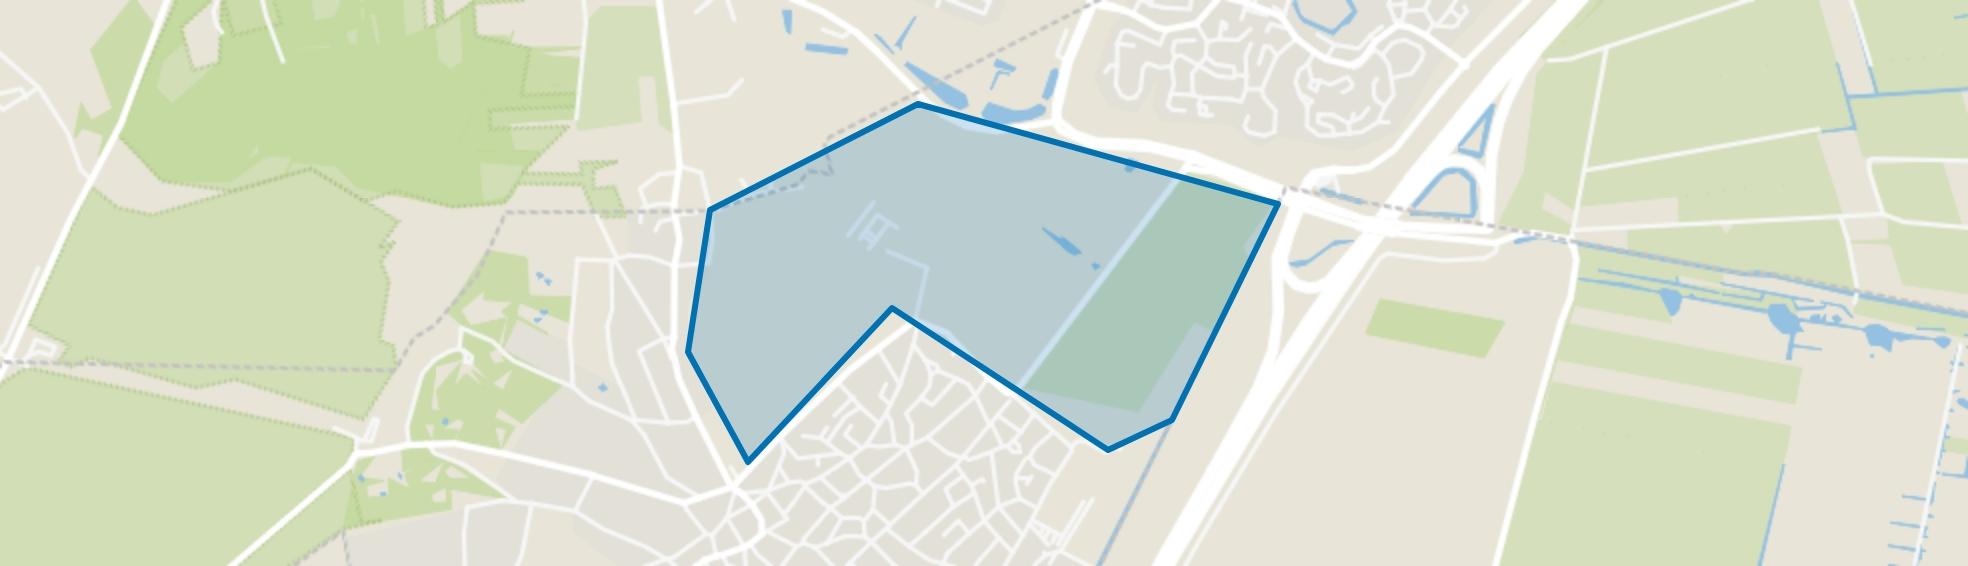 Warandepark-De Eng, Blaricum map